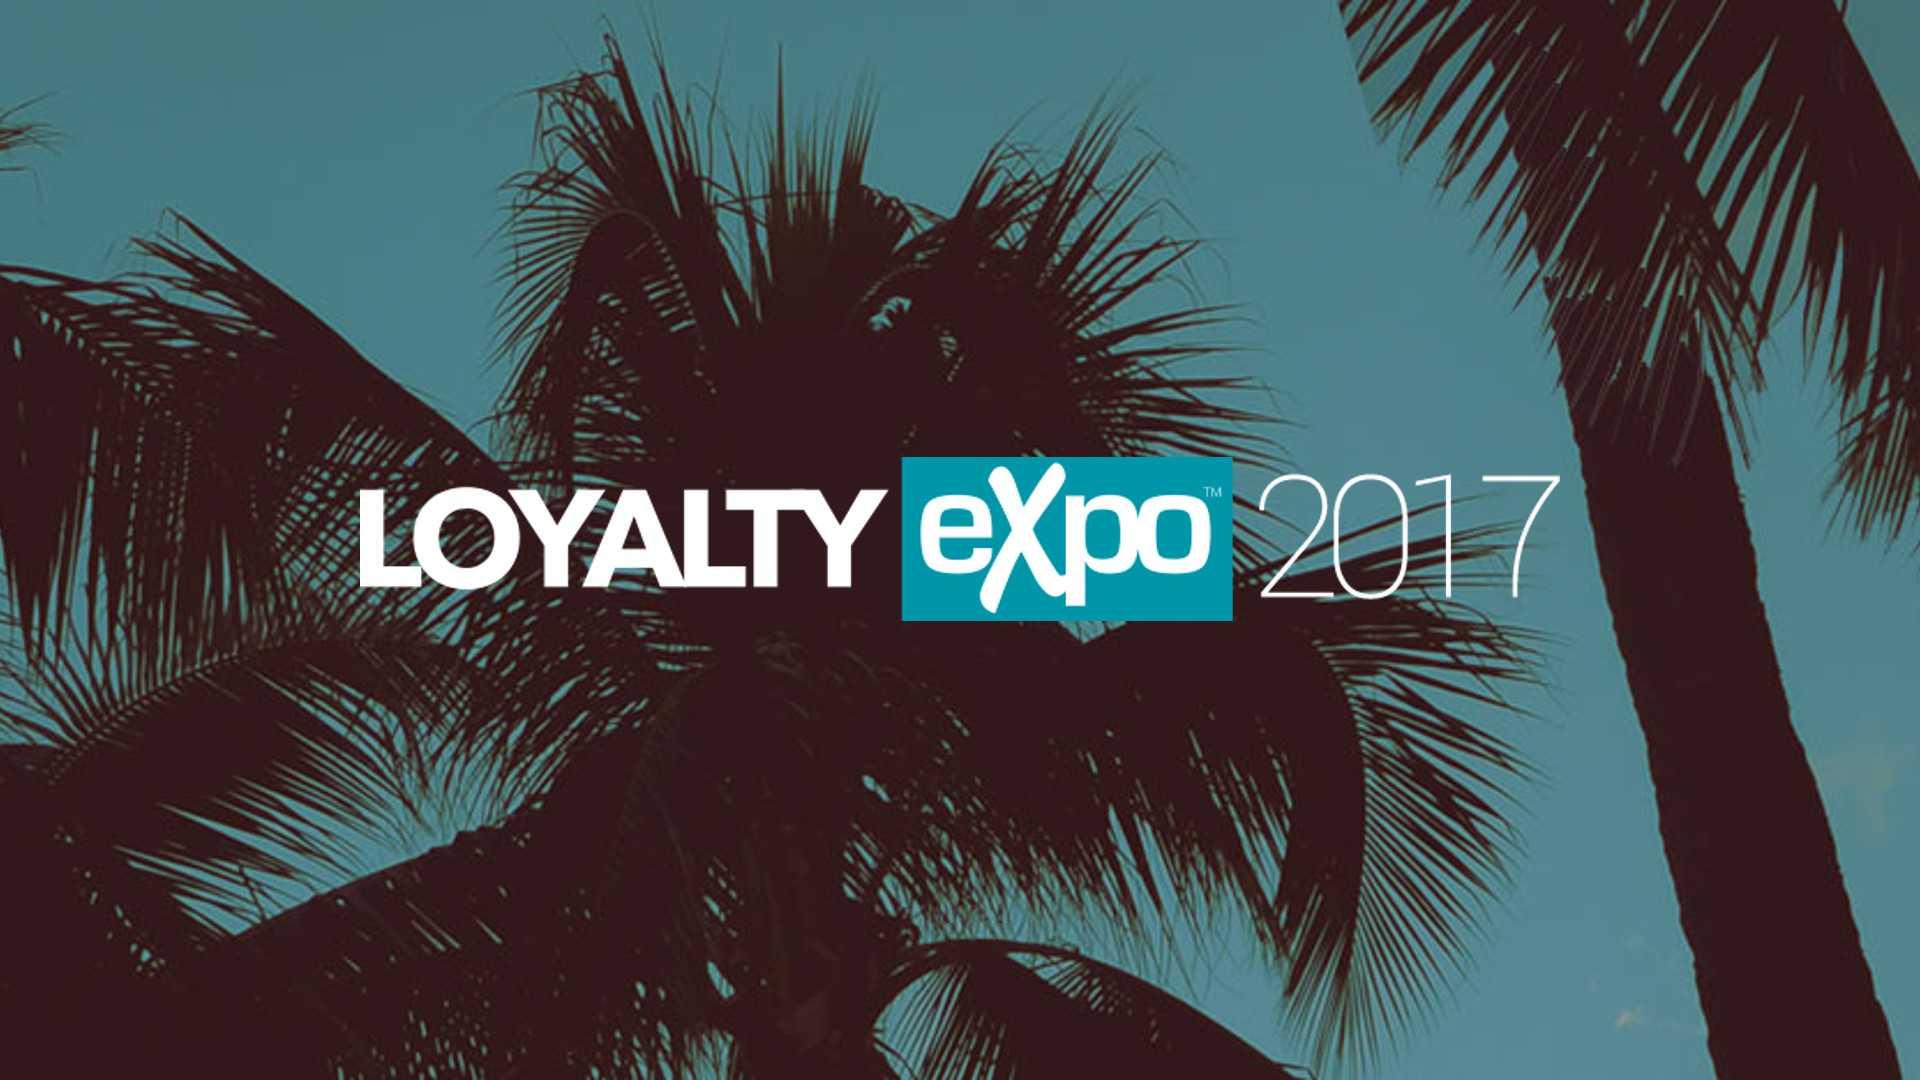 Loyalty Expo